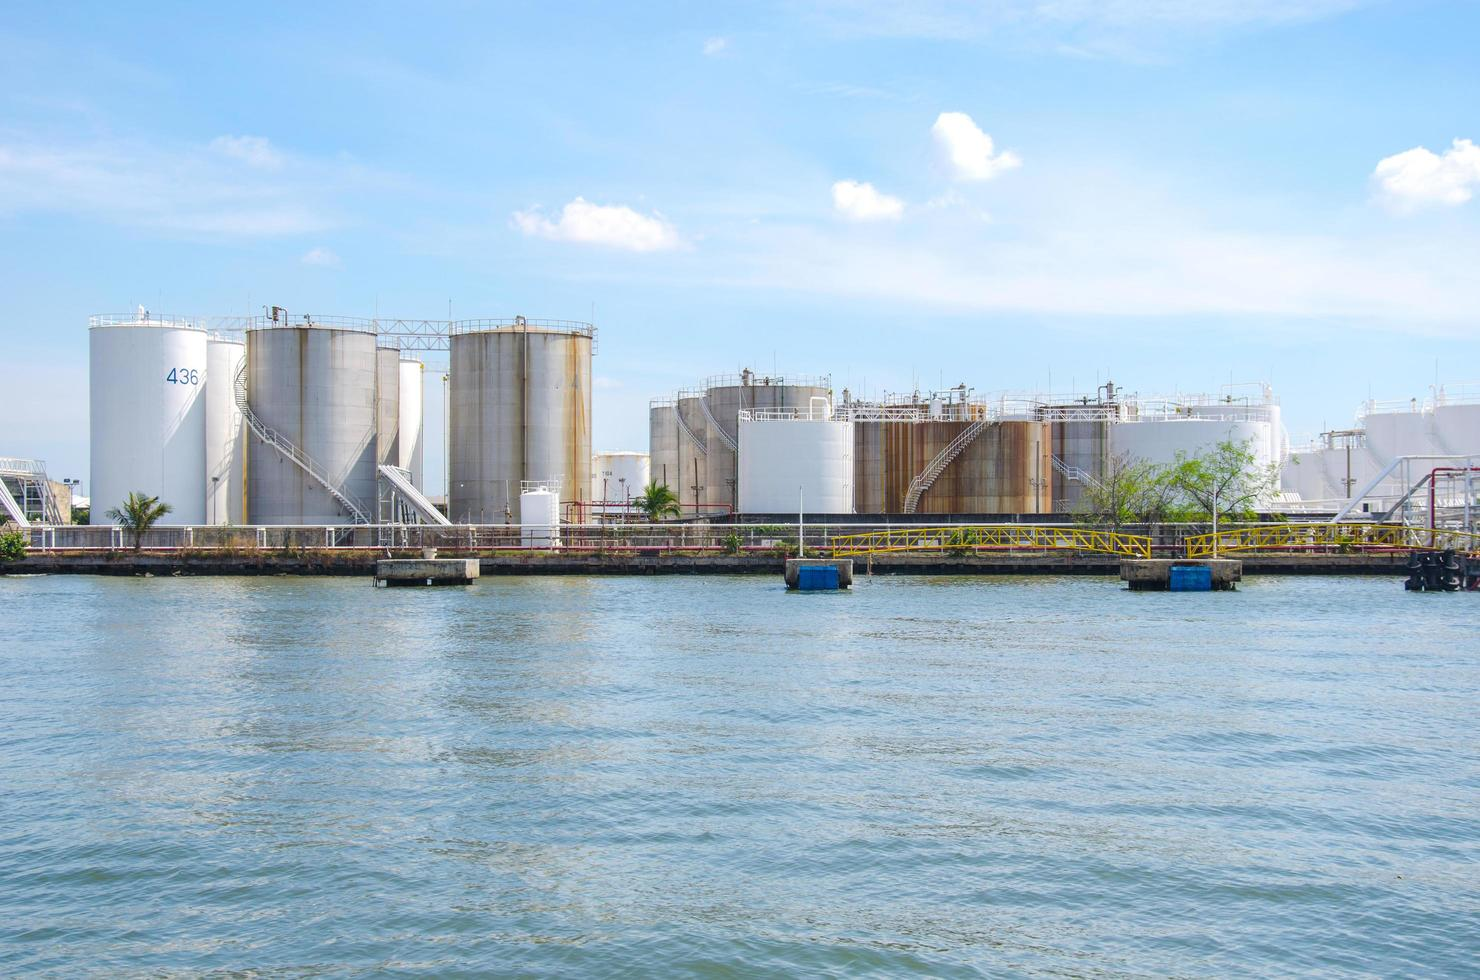 réservoirs de stockage d'huile photo